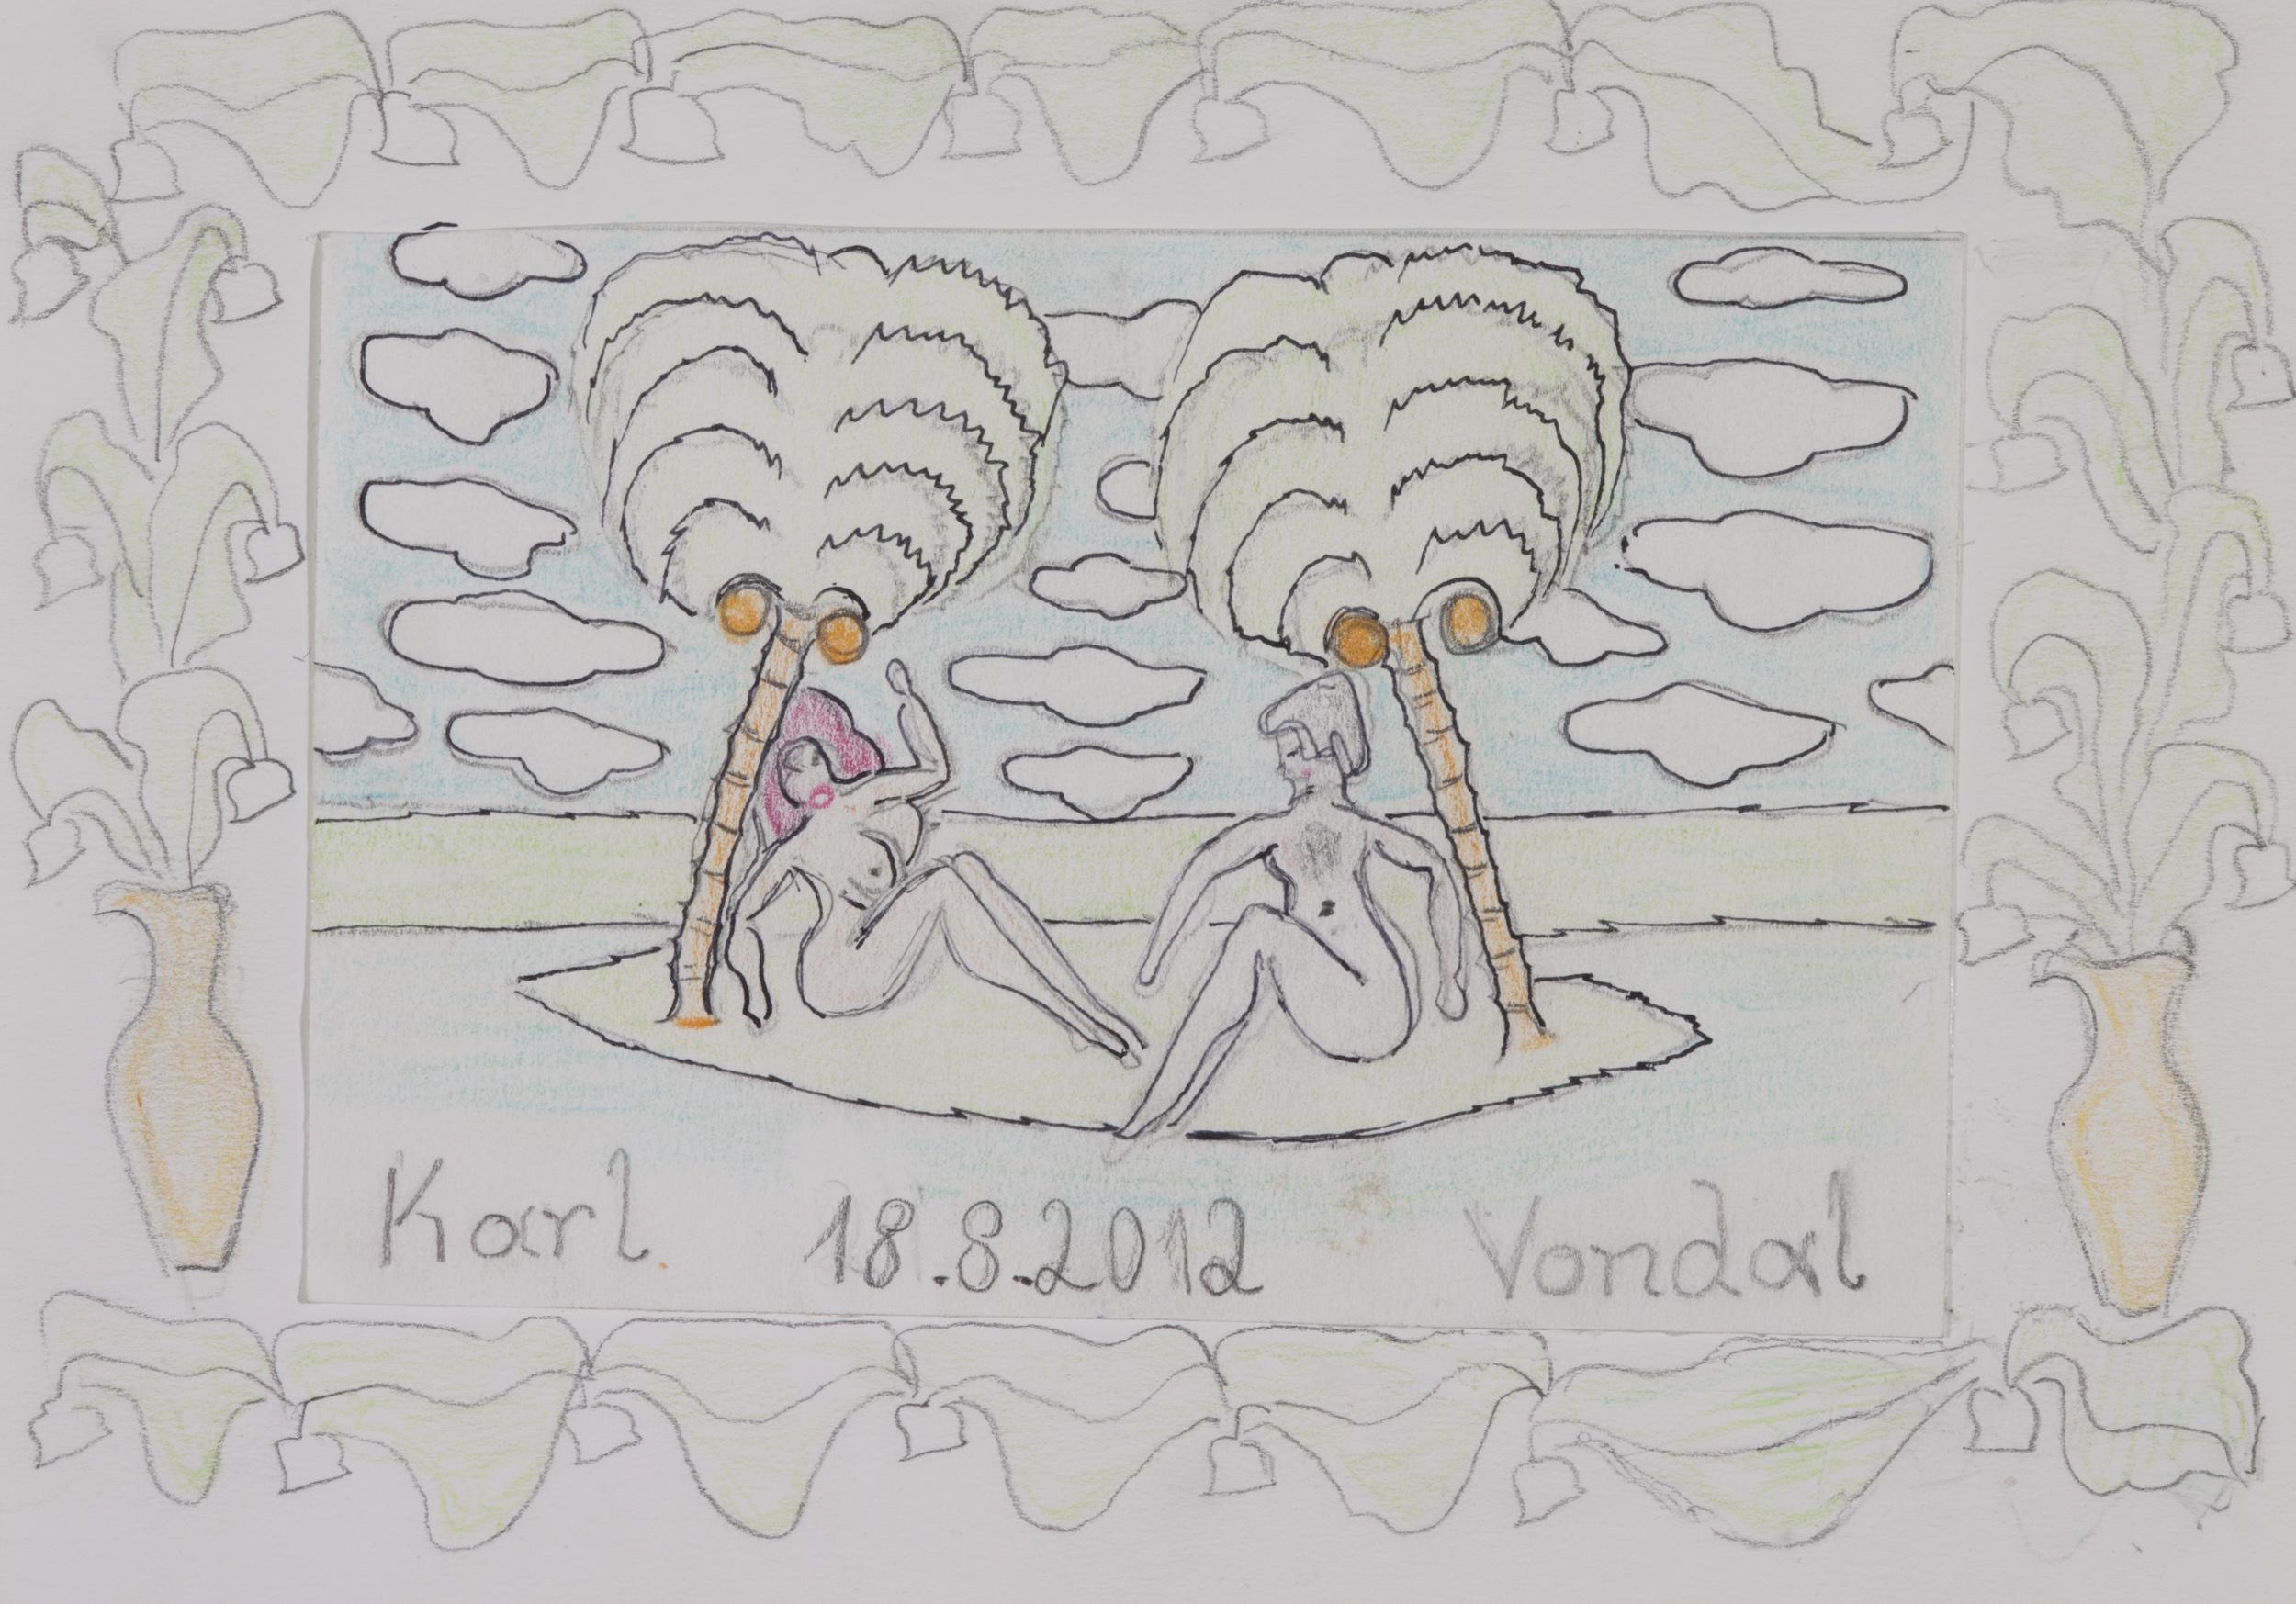 vondal karl - zwei schönheiten unter palmen / two beauties under palm trees